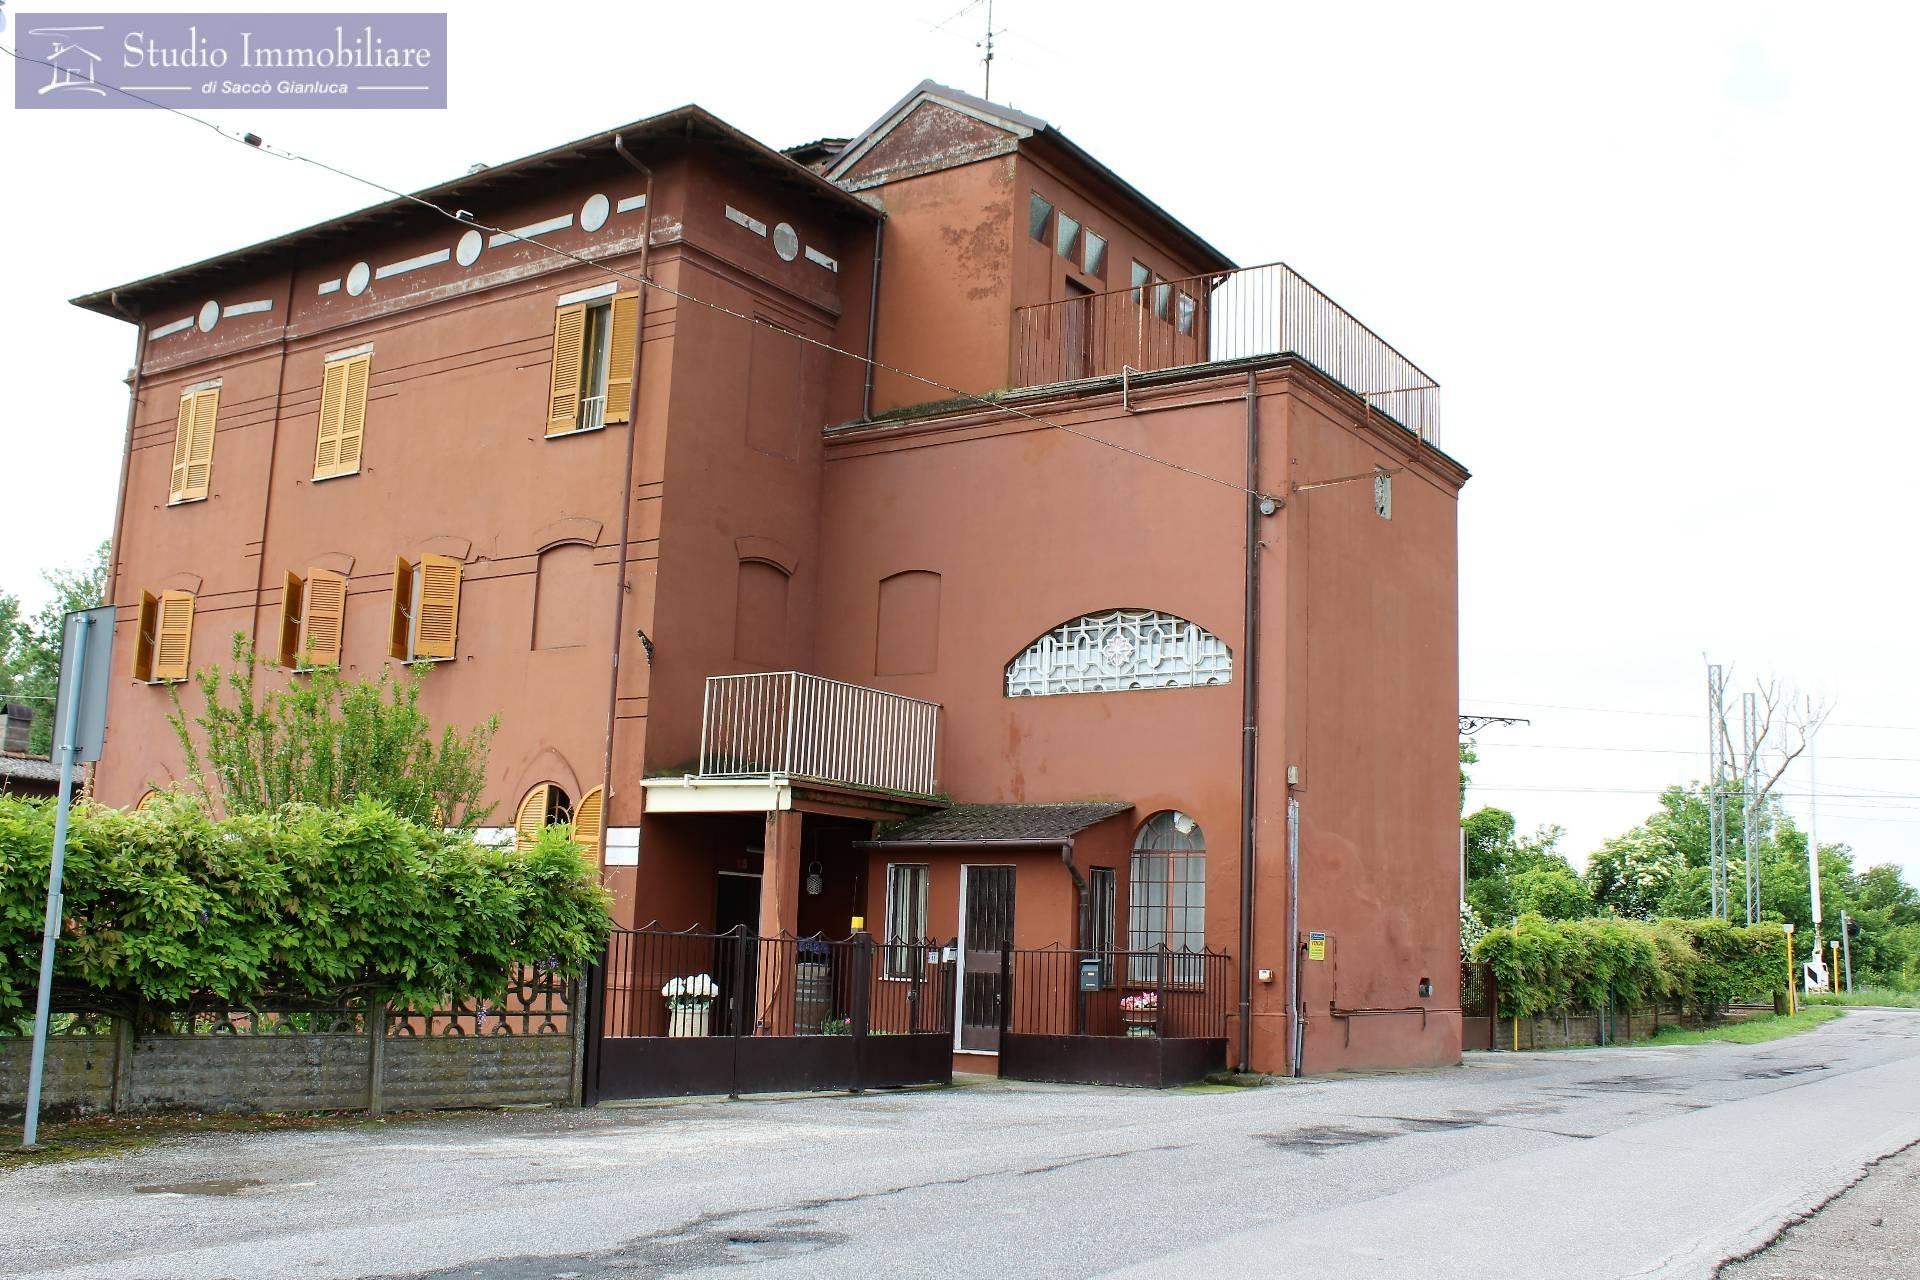 Soluzione Indipendente in vendita a Castelletto di Branduzzo, 12 locali, prezzo € 270.000 | CambioCasa.it